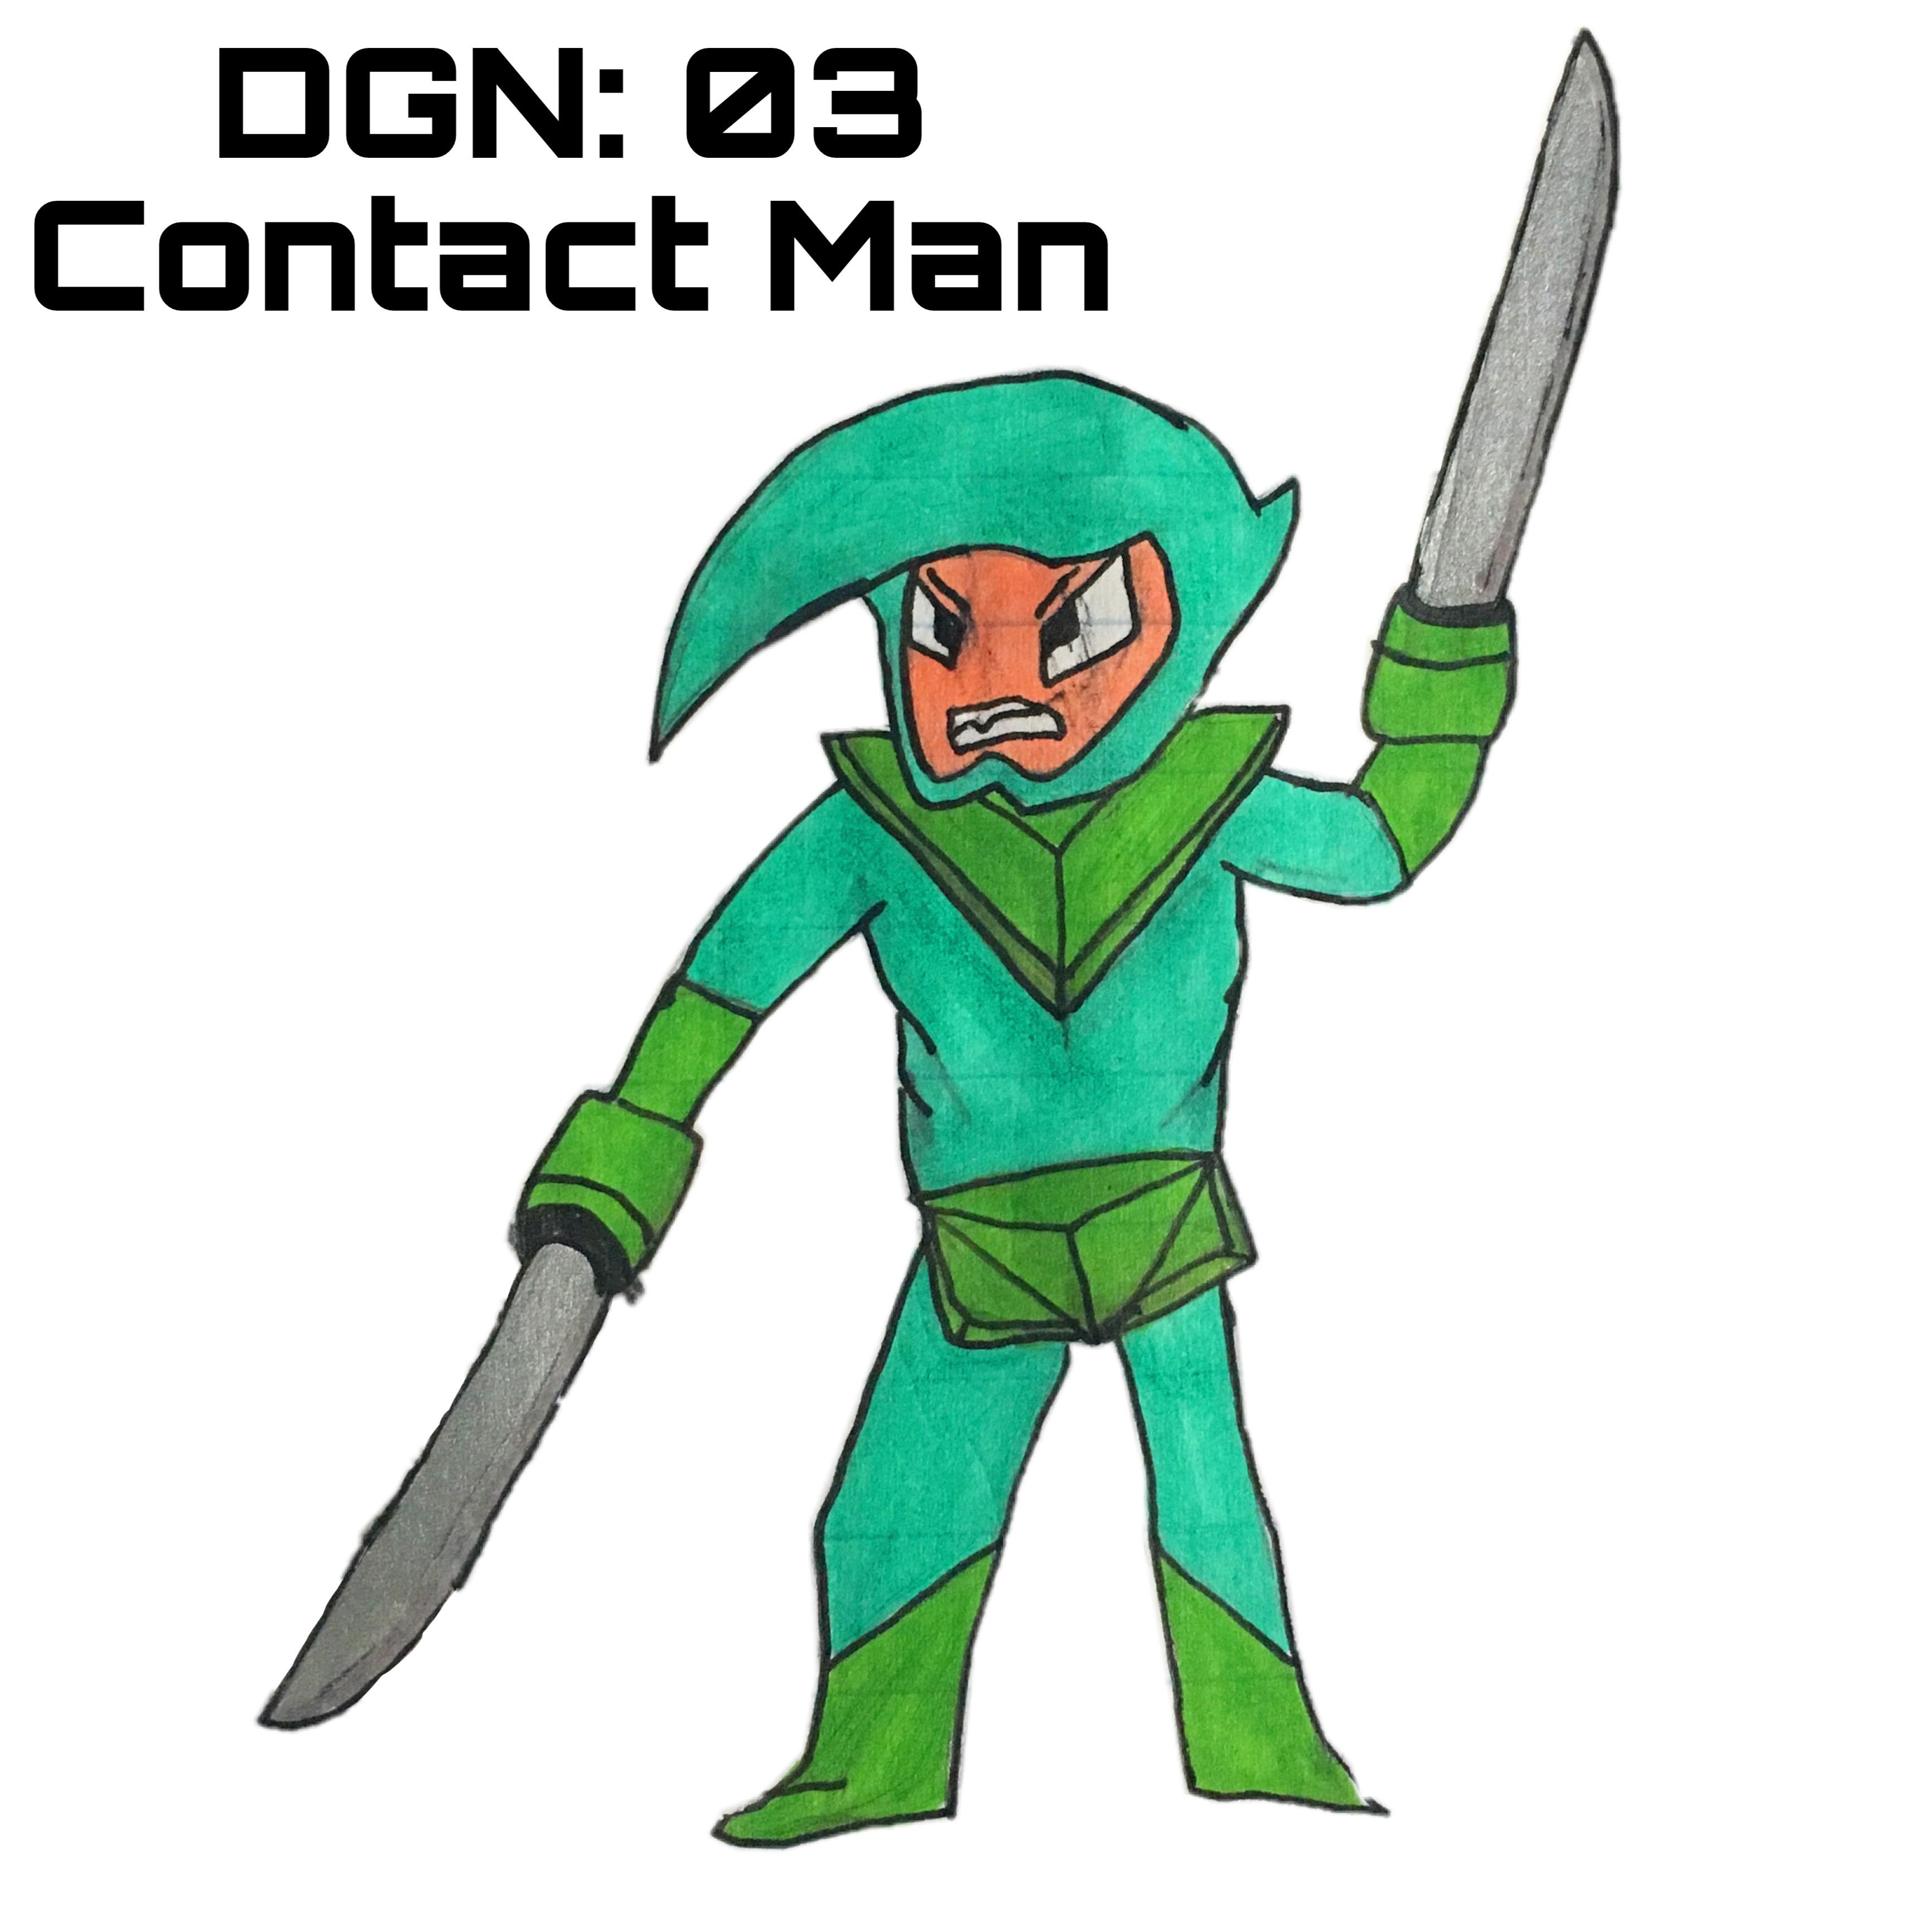 Contact Man